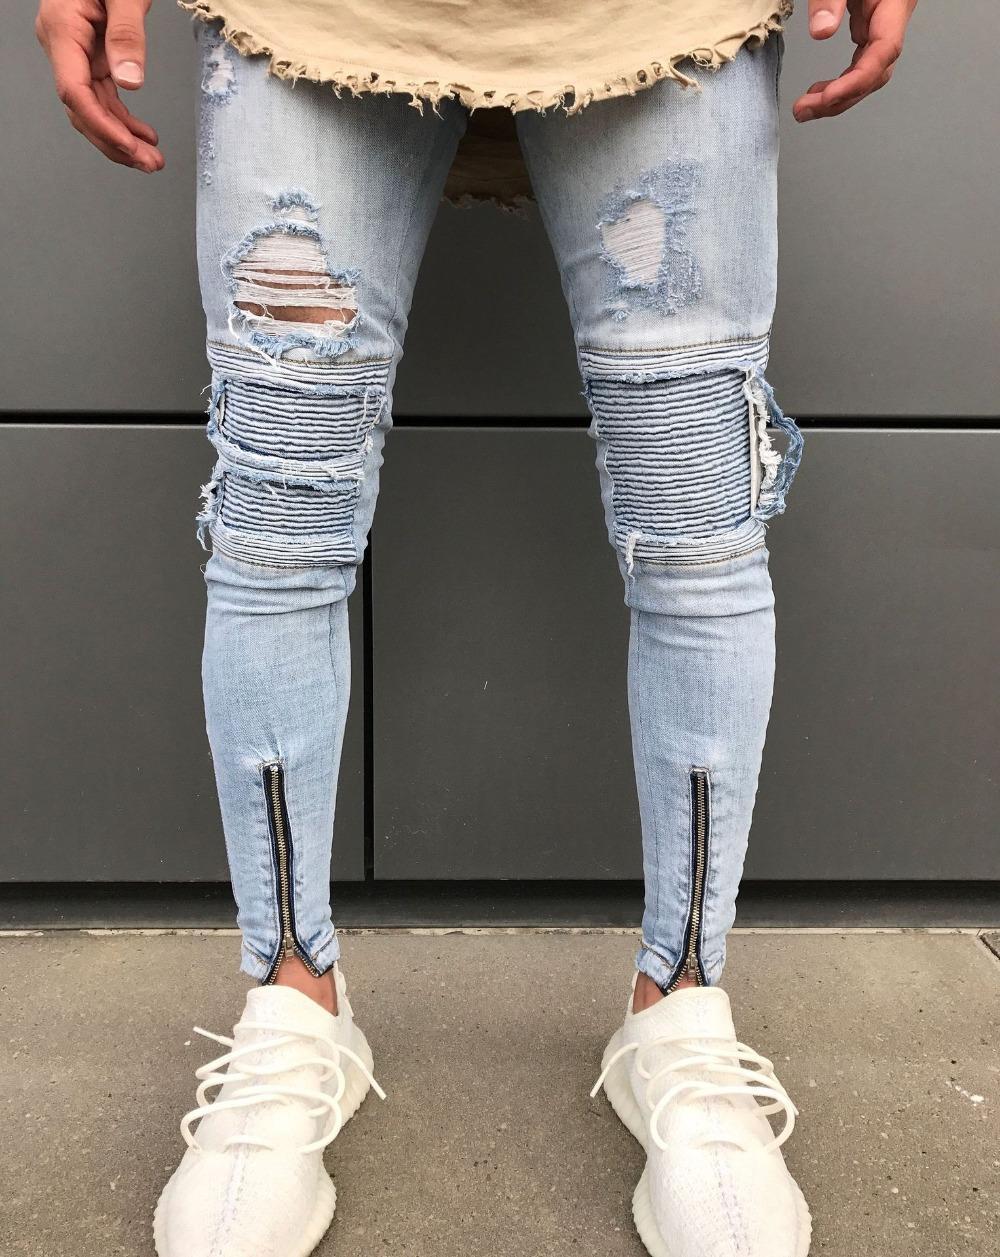 d6869f43e Compre Hombre Hombre Ripped Biker Jeans Blanco   Azul Rodilla Plisada  Cremallera De Tobillo Marca Slim Fit Corte Destruido Skinny Jean Pants Para  Hombre ...